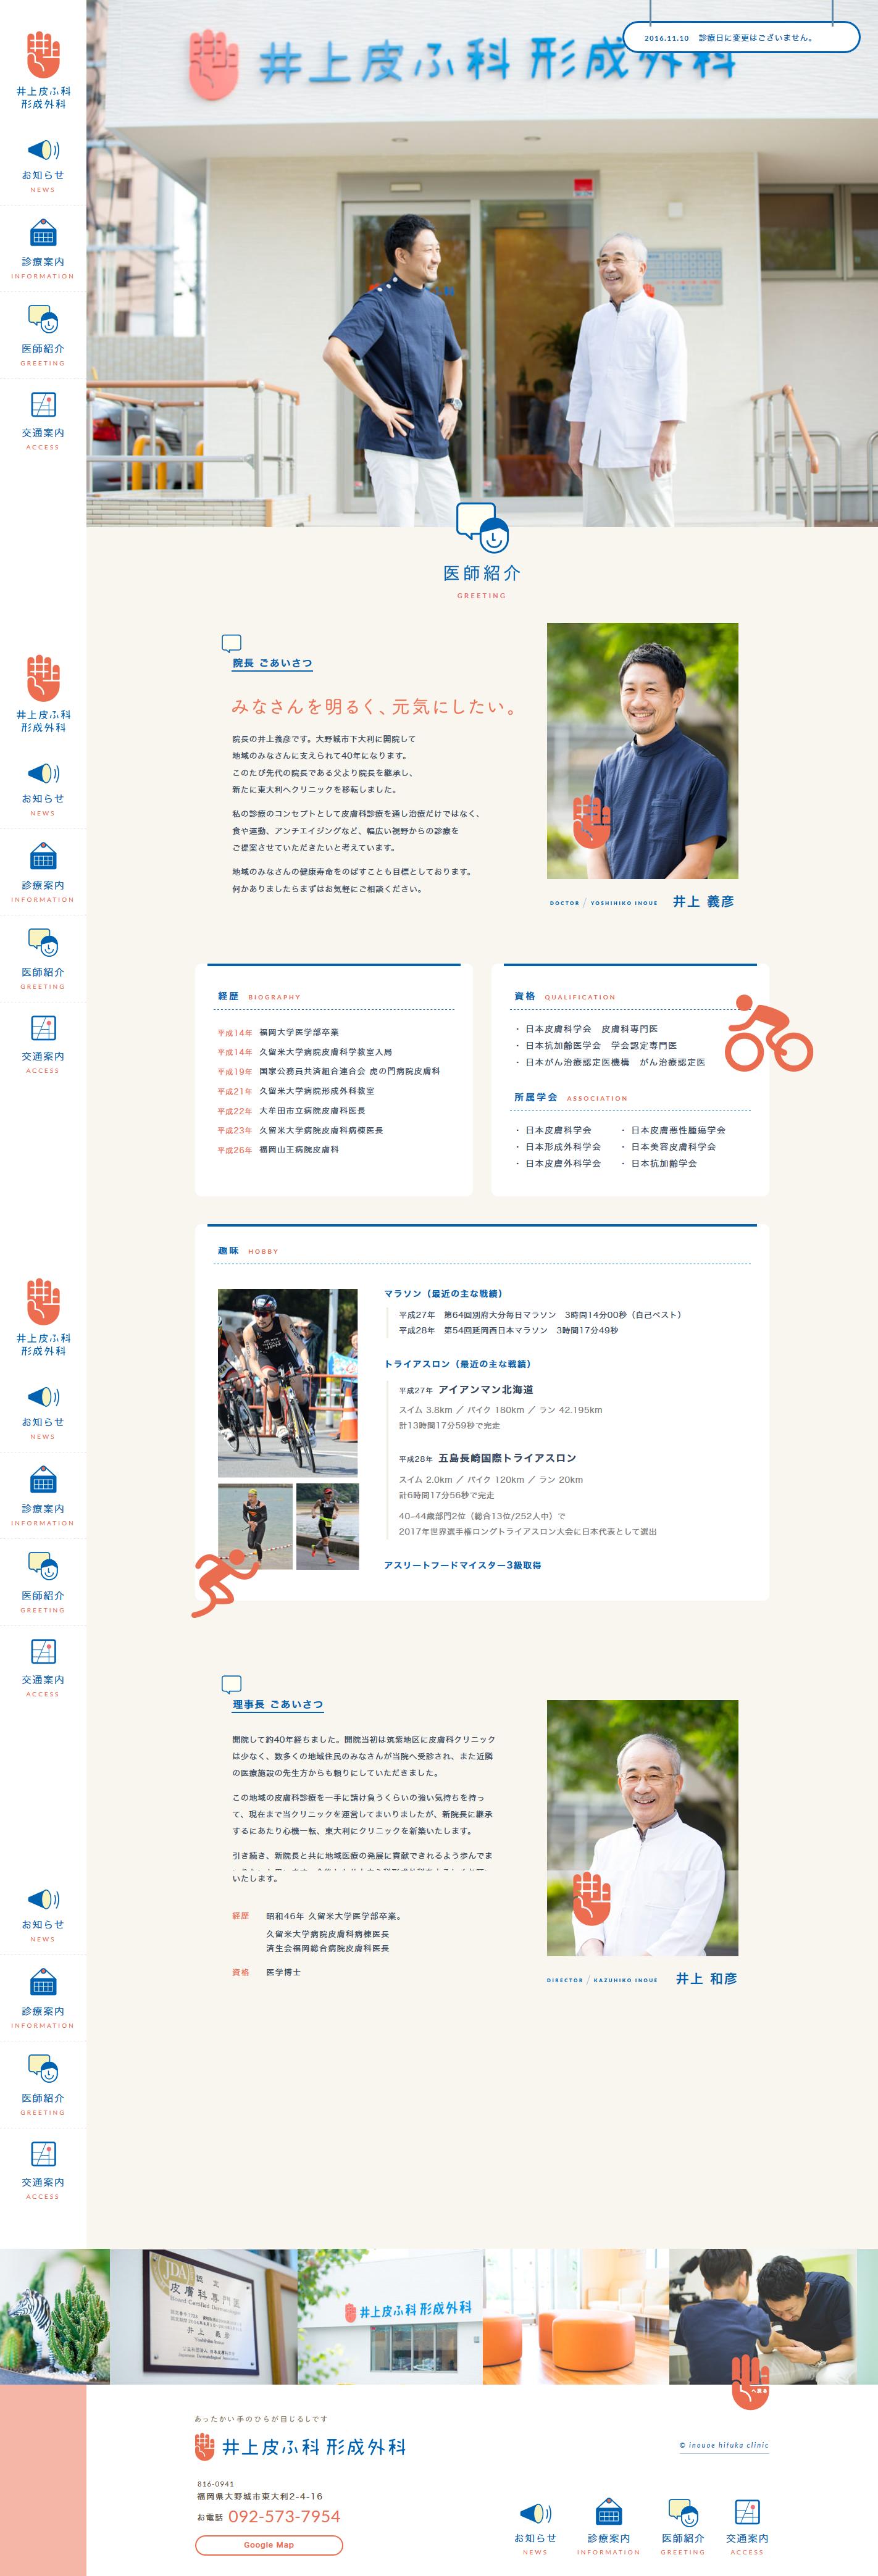 Design おしゃれまとめの人気アイデア Pinterest Hiroki 医療デザイン ウェブデザインのレイアウト Lp デザイン